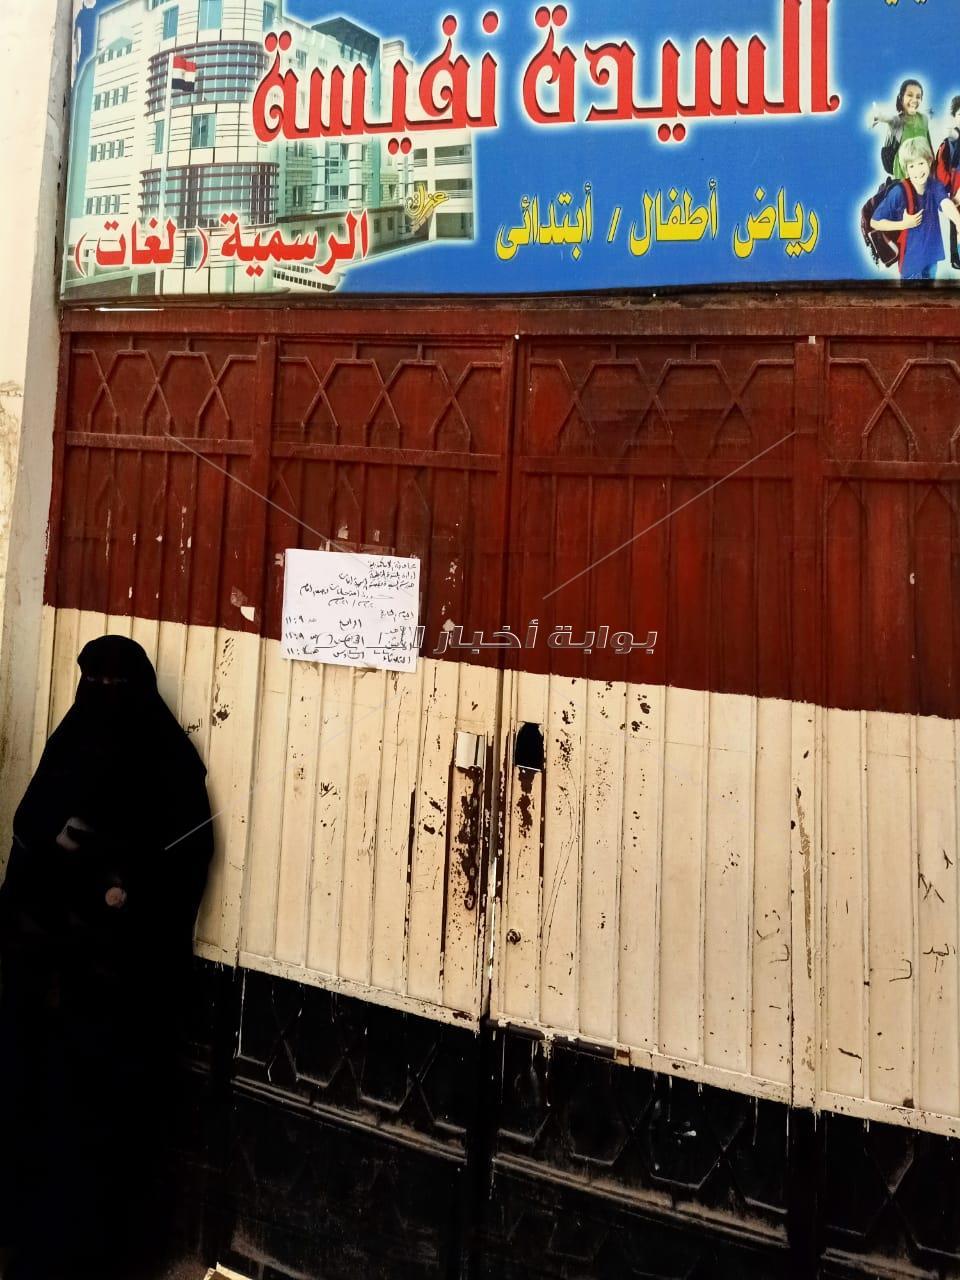 لا شكاوى.. وكيل وزارة التعليم بالإسكندرية يتفقد لجان الامتحانات